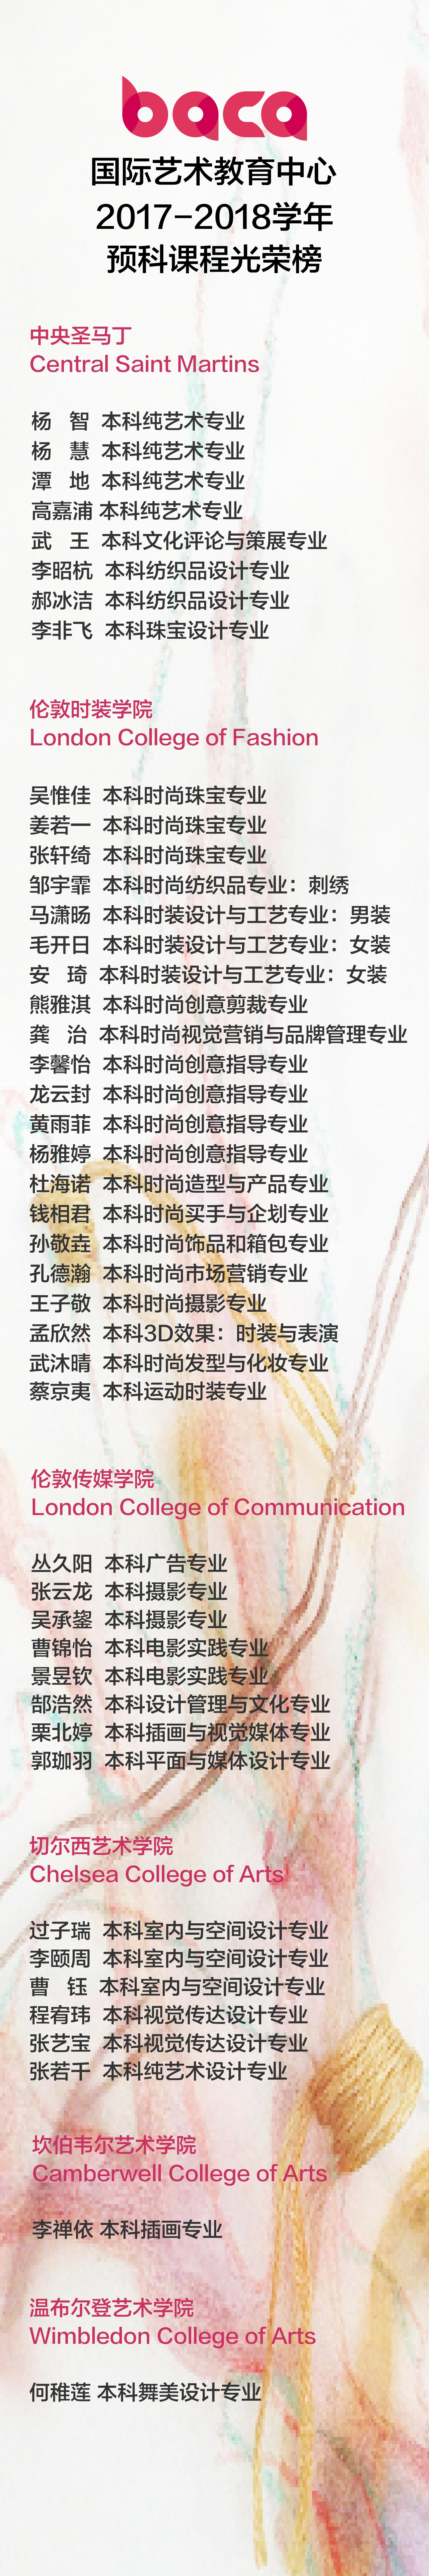 2018BACA毕业生光荣榜